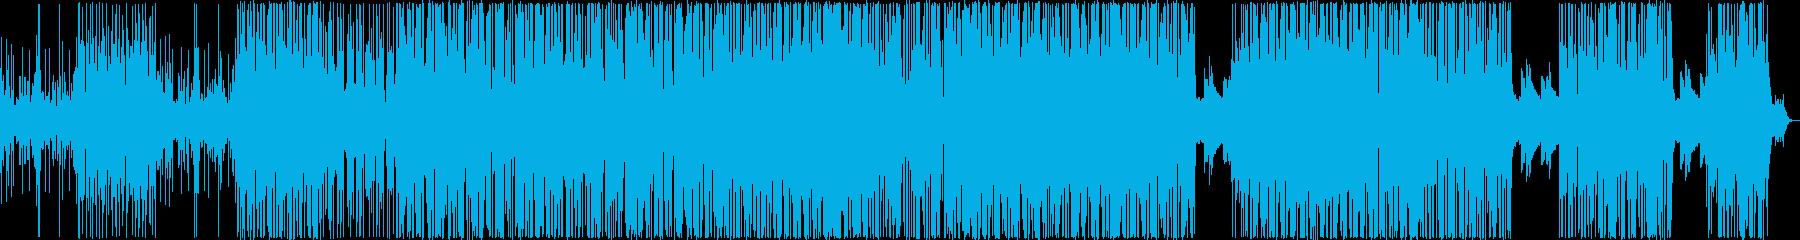 熱い感じですの再生済みの波形